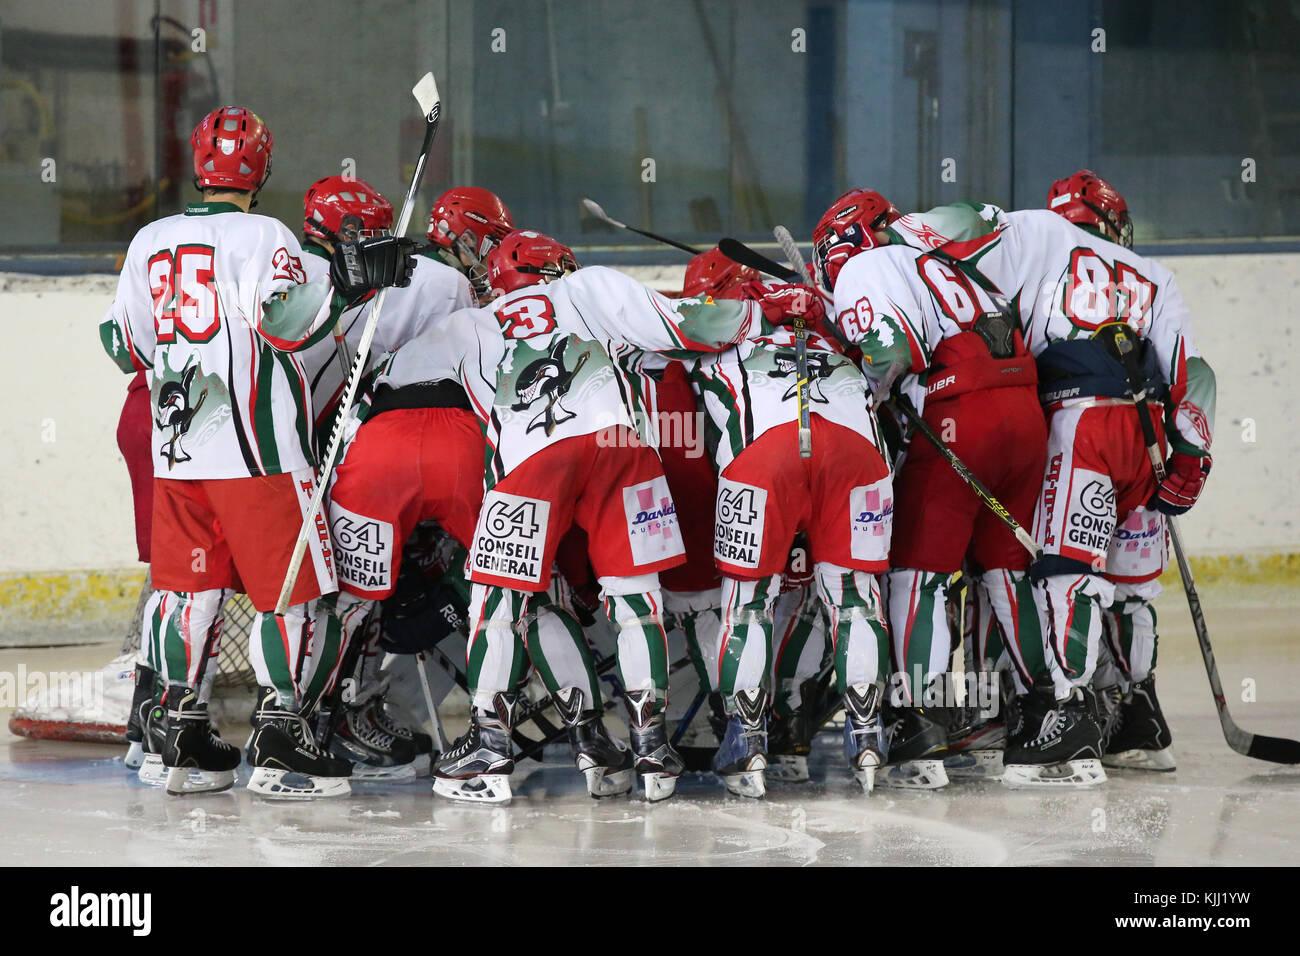 Match de hockey sur glace. La France. Photo Stock